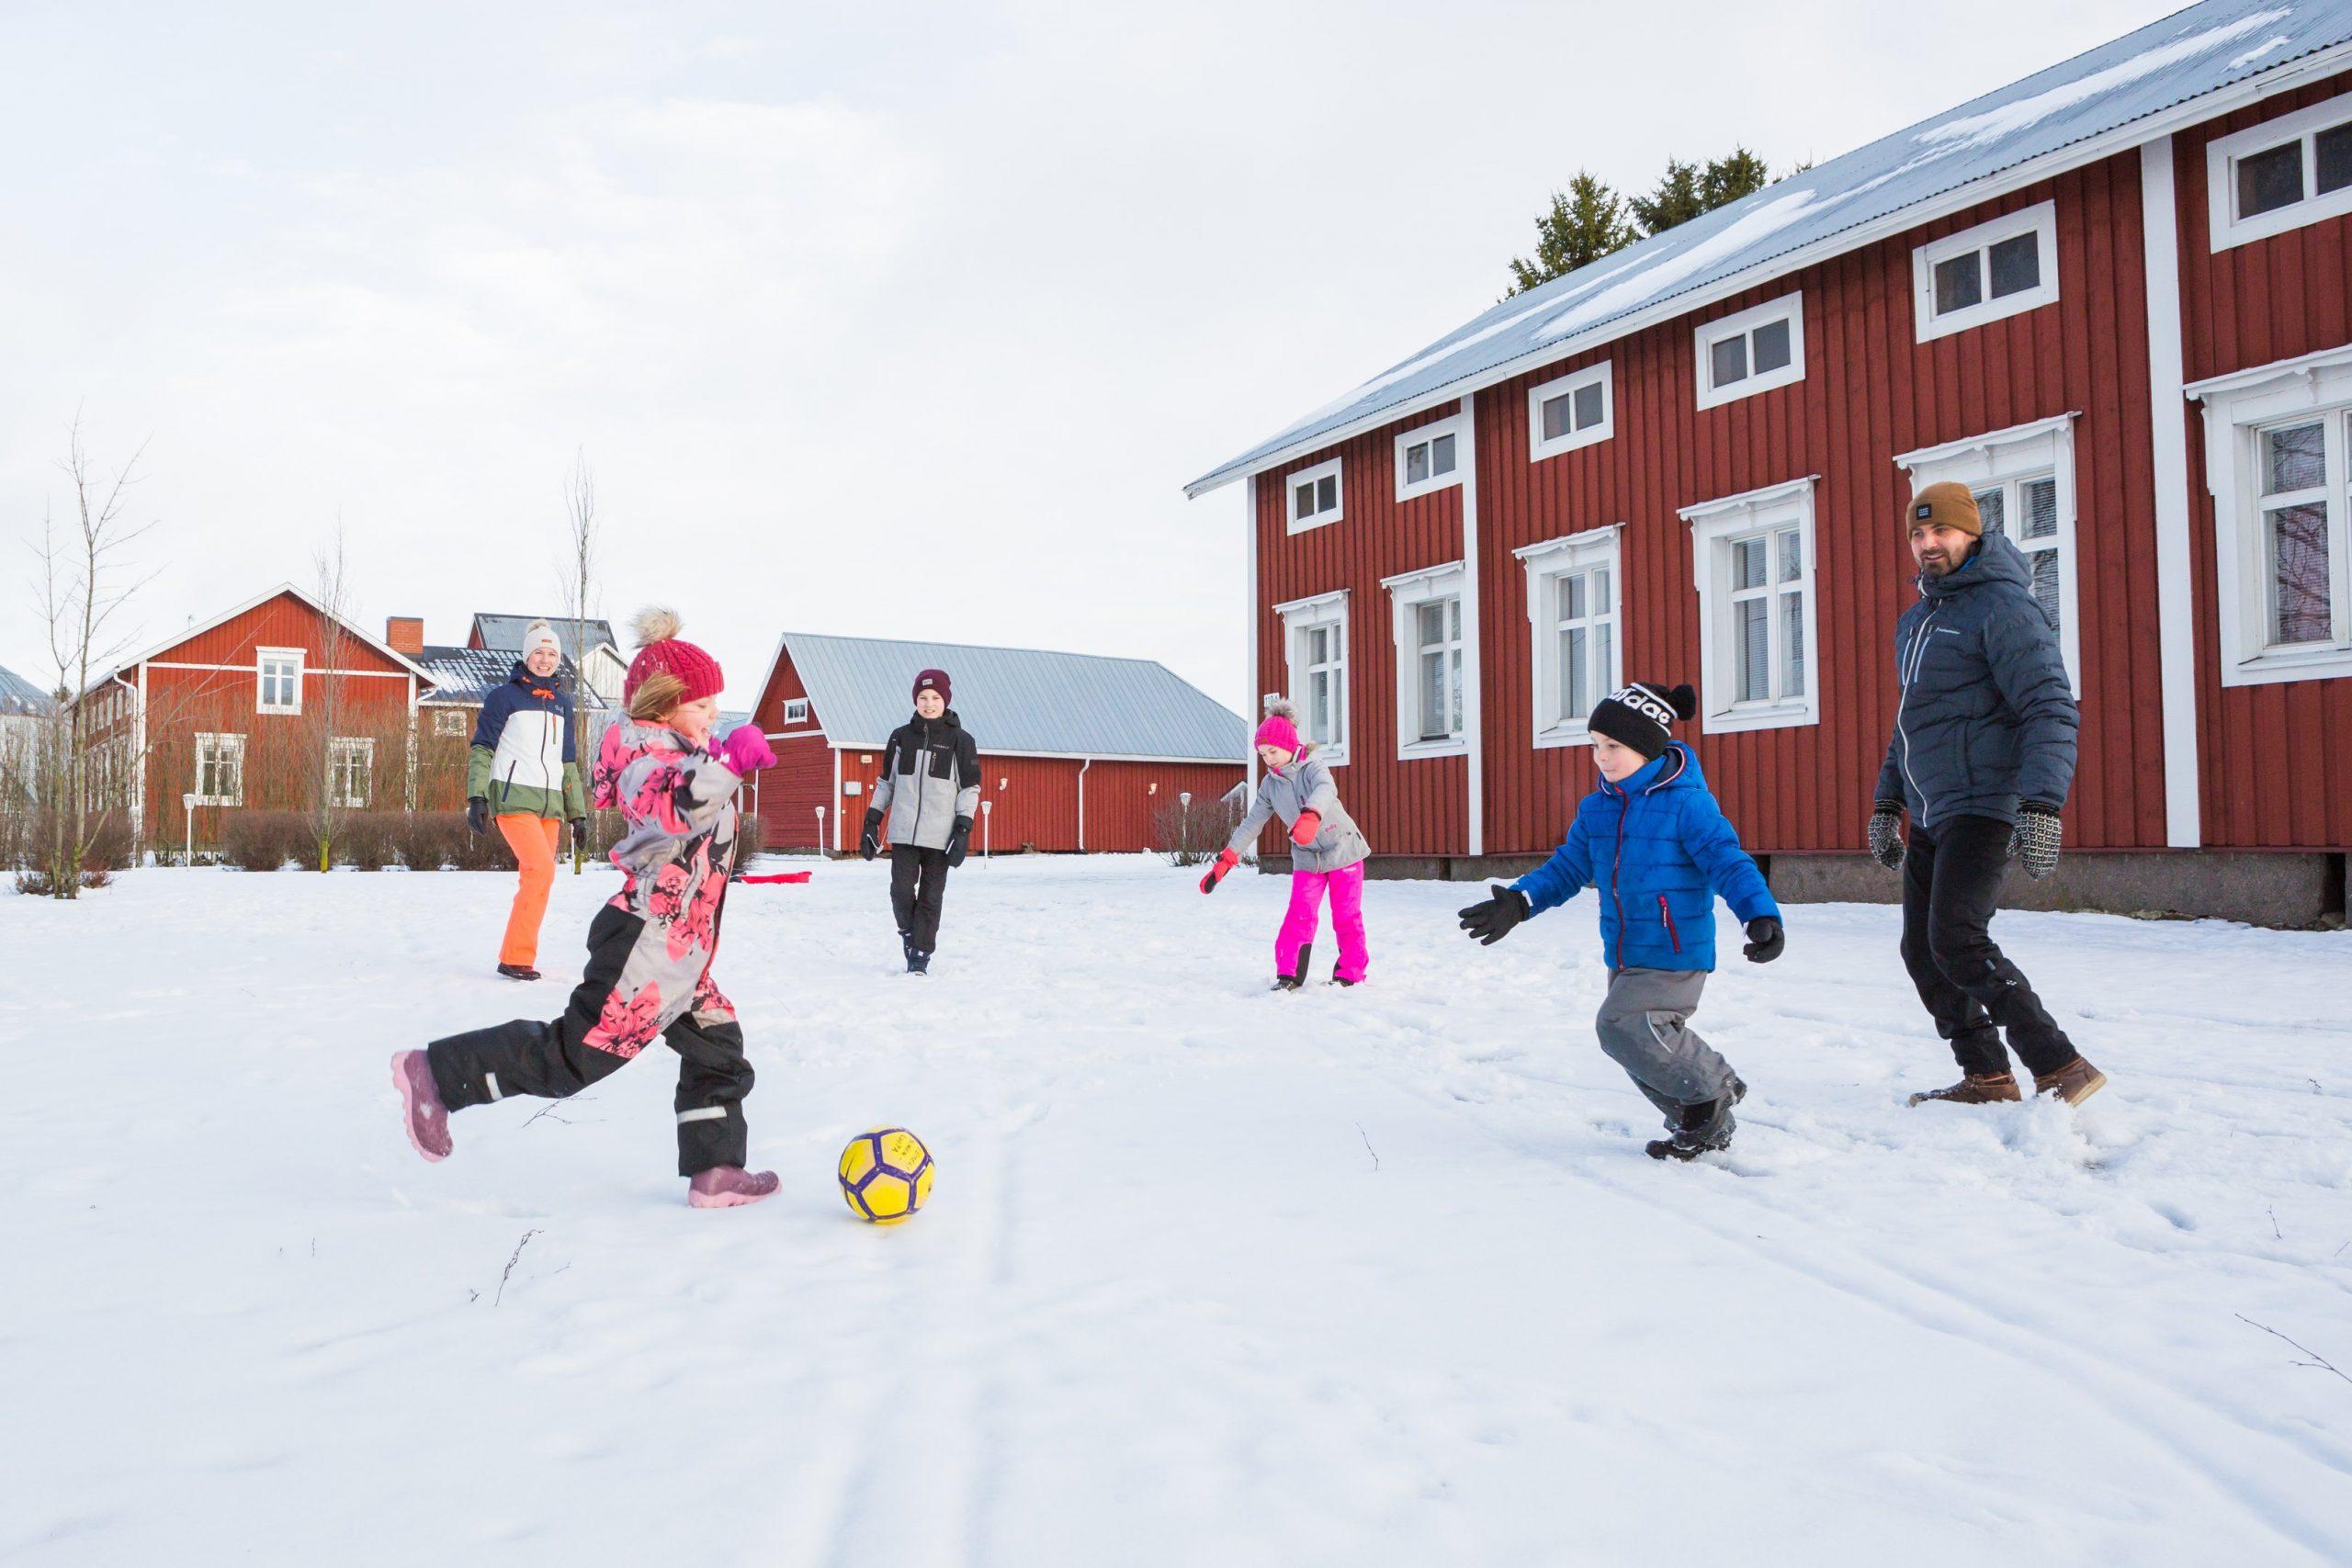 perhe pohjalaistalon edustalla leikkimässä lumella